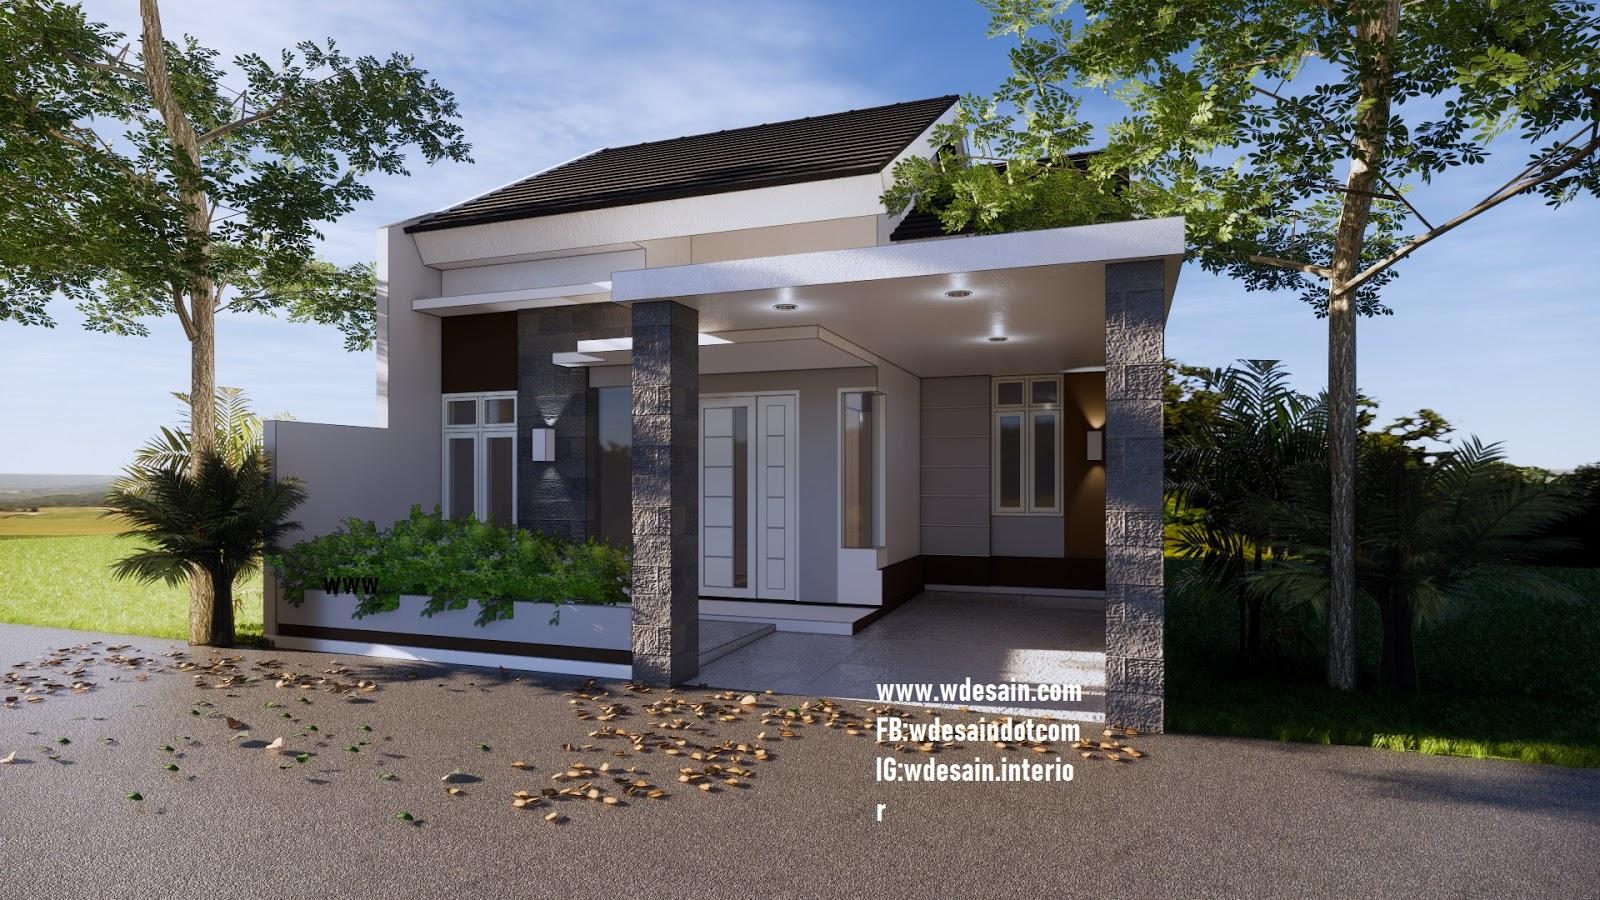 Denah Rumah Minimalis 3 Kamar 7x12 Taman Luas Desain Rumah Minimalis